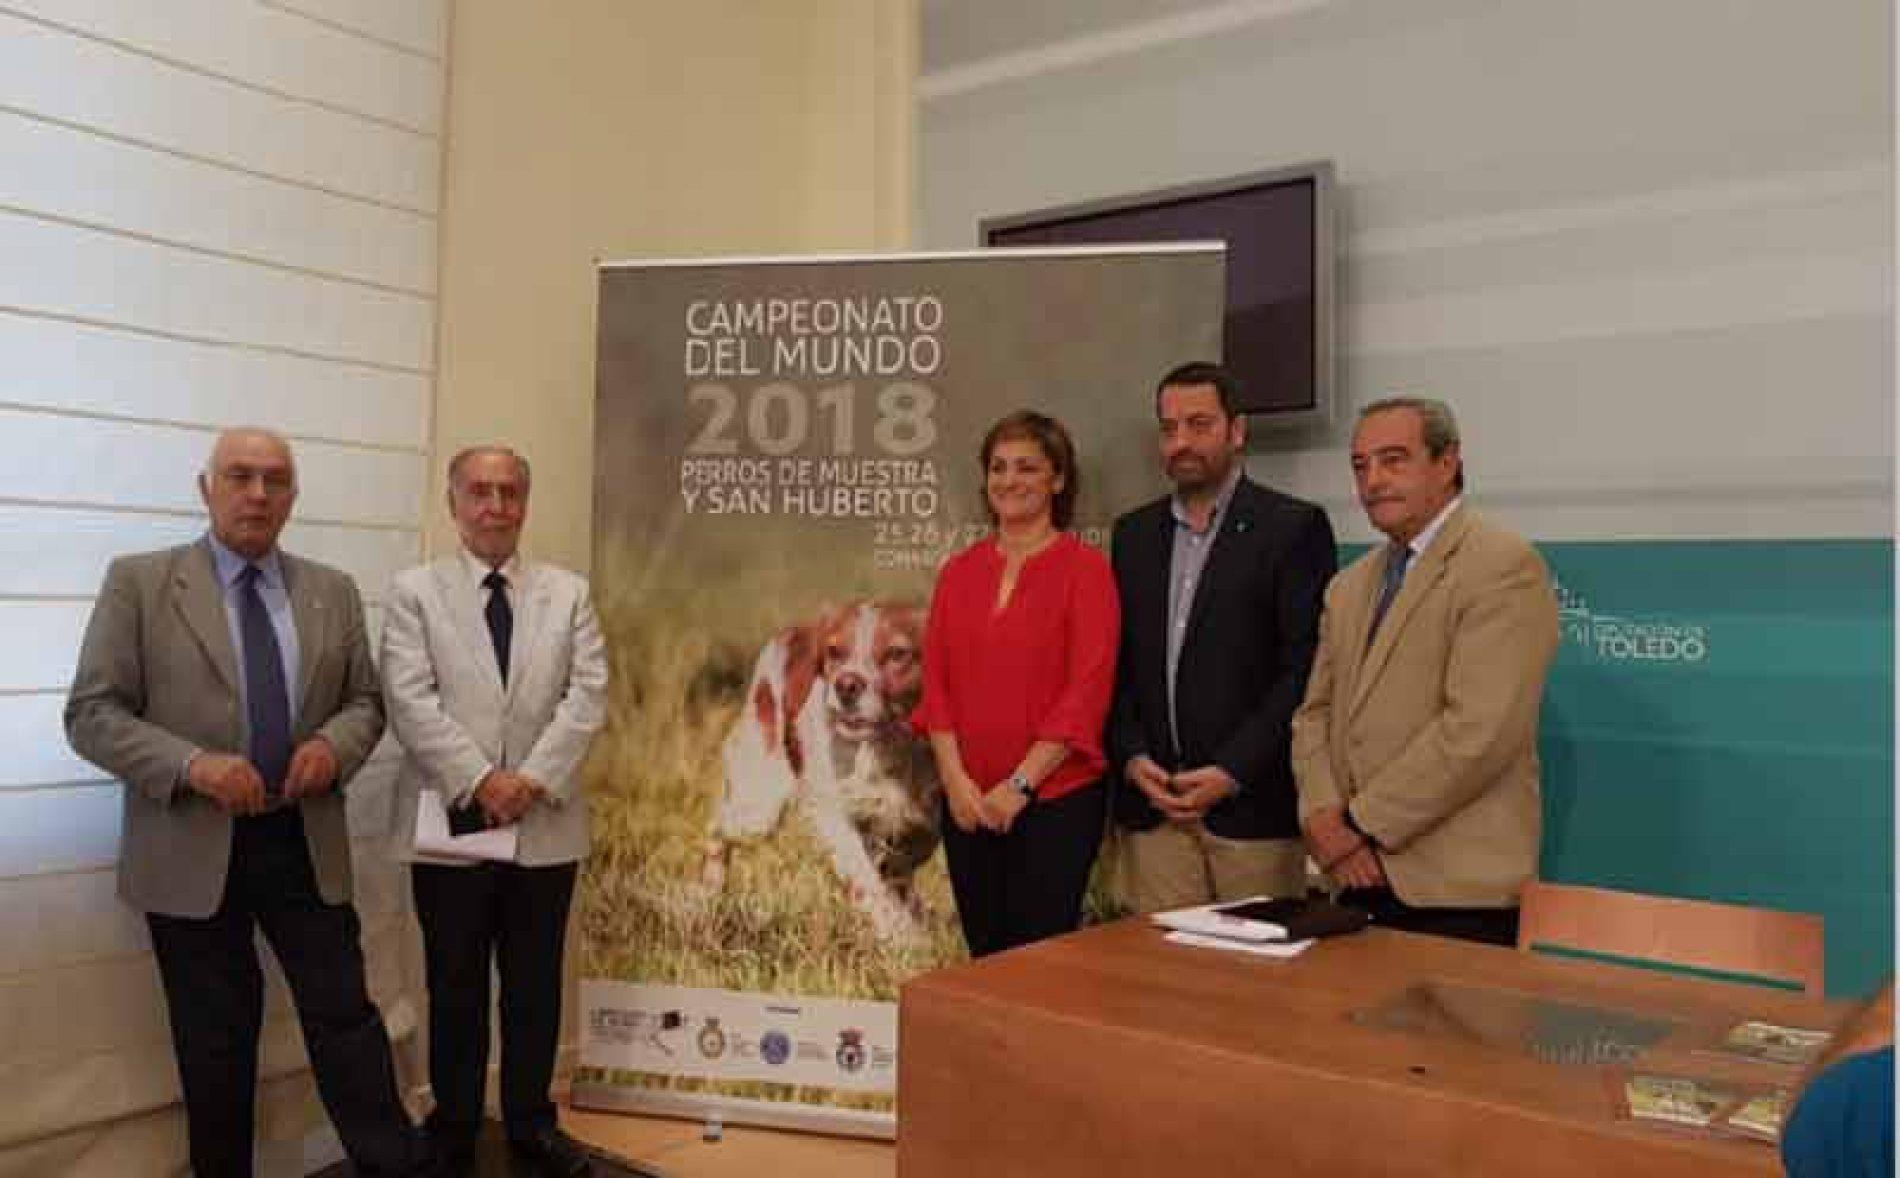 Presentación del Campeonato del Mundo de Perros de Muestra y San Huberto